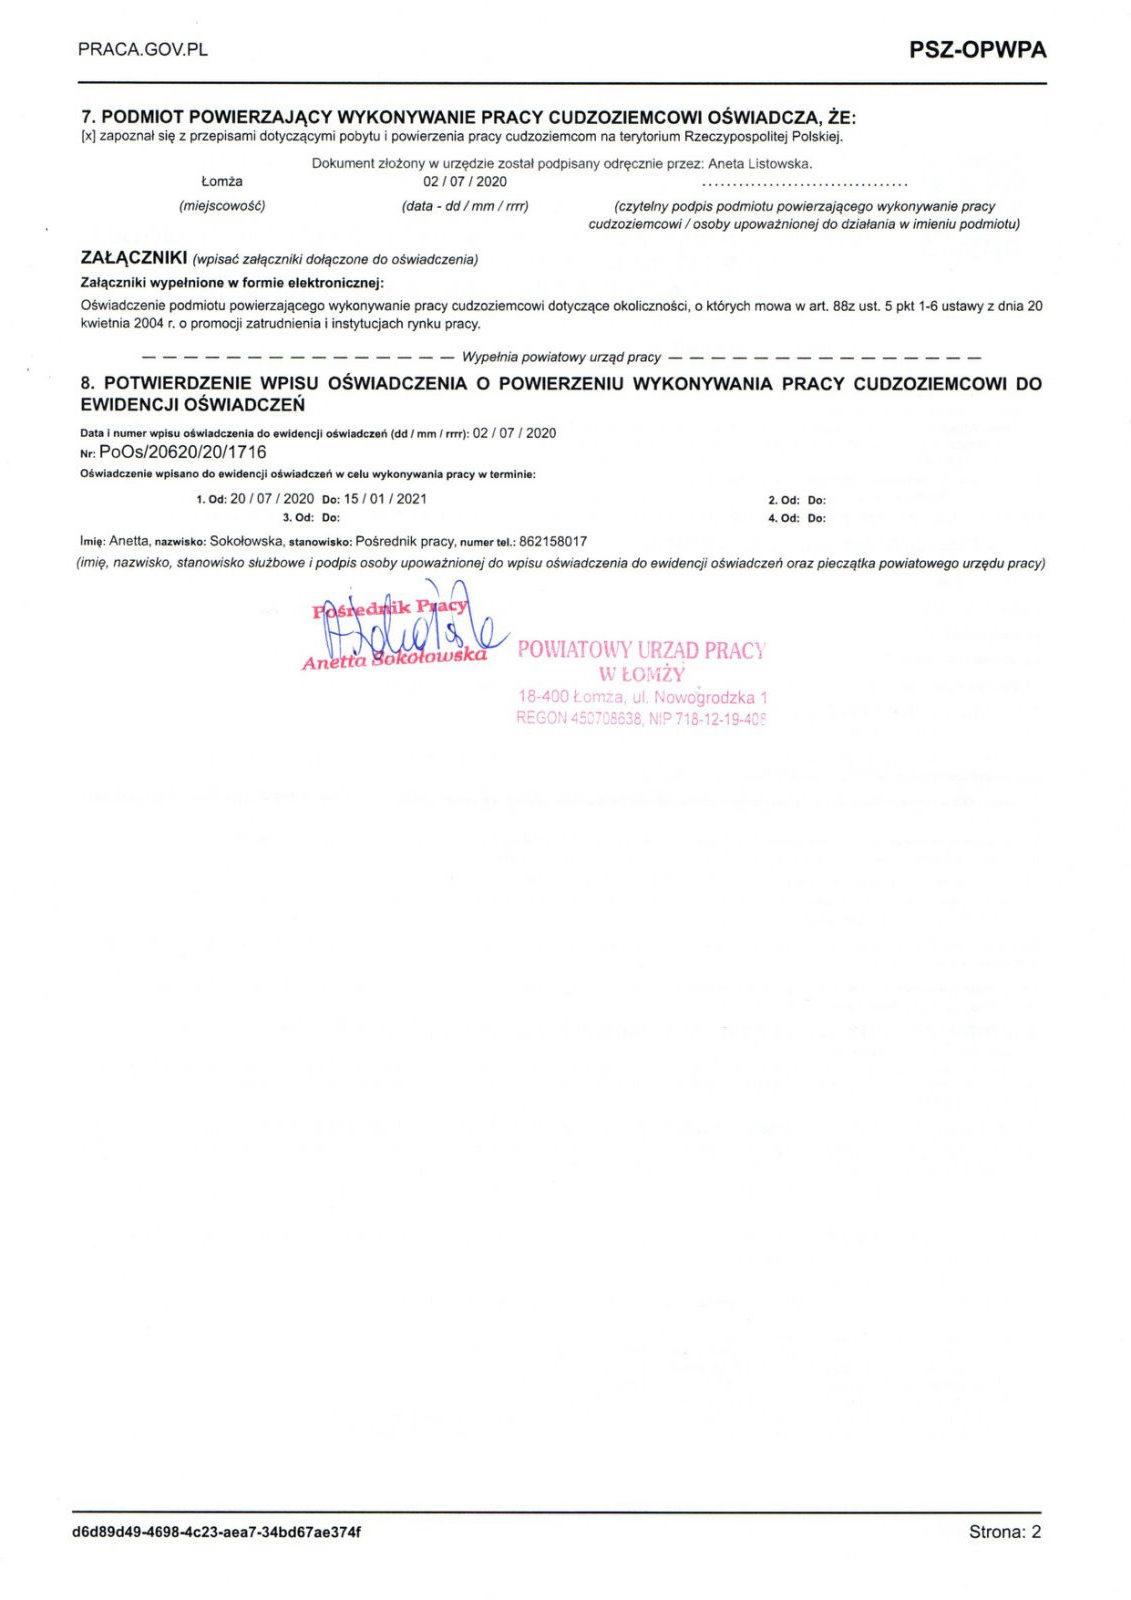 Рабочее приглашение в Польшу без привязки электронное бумажное2